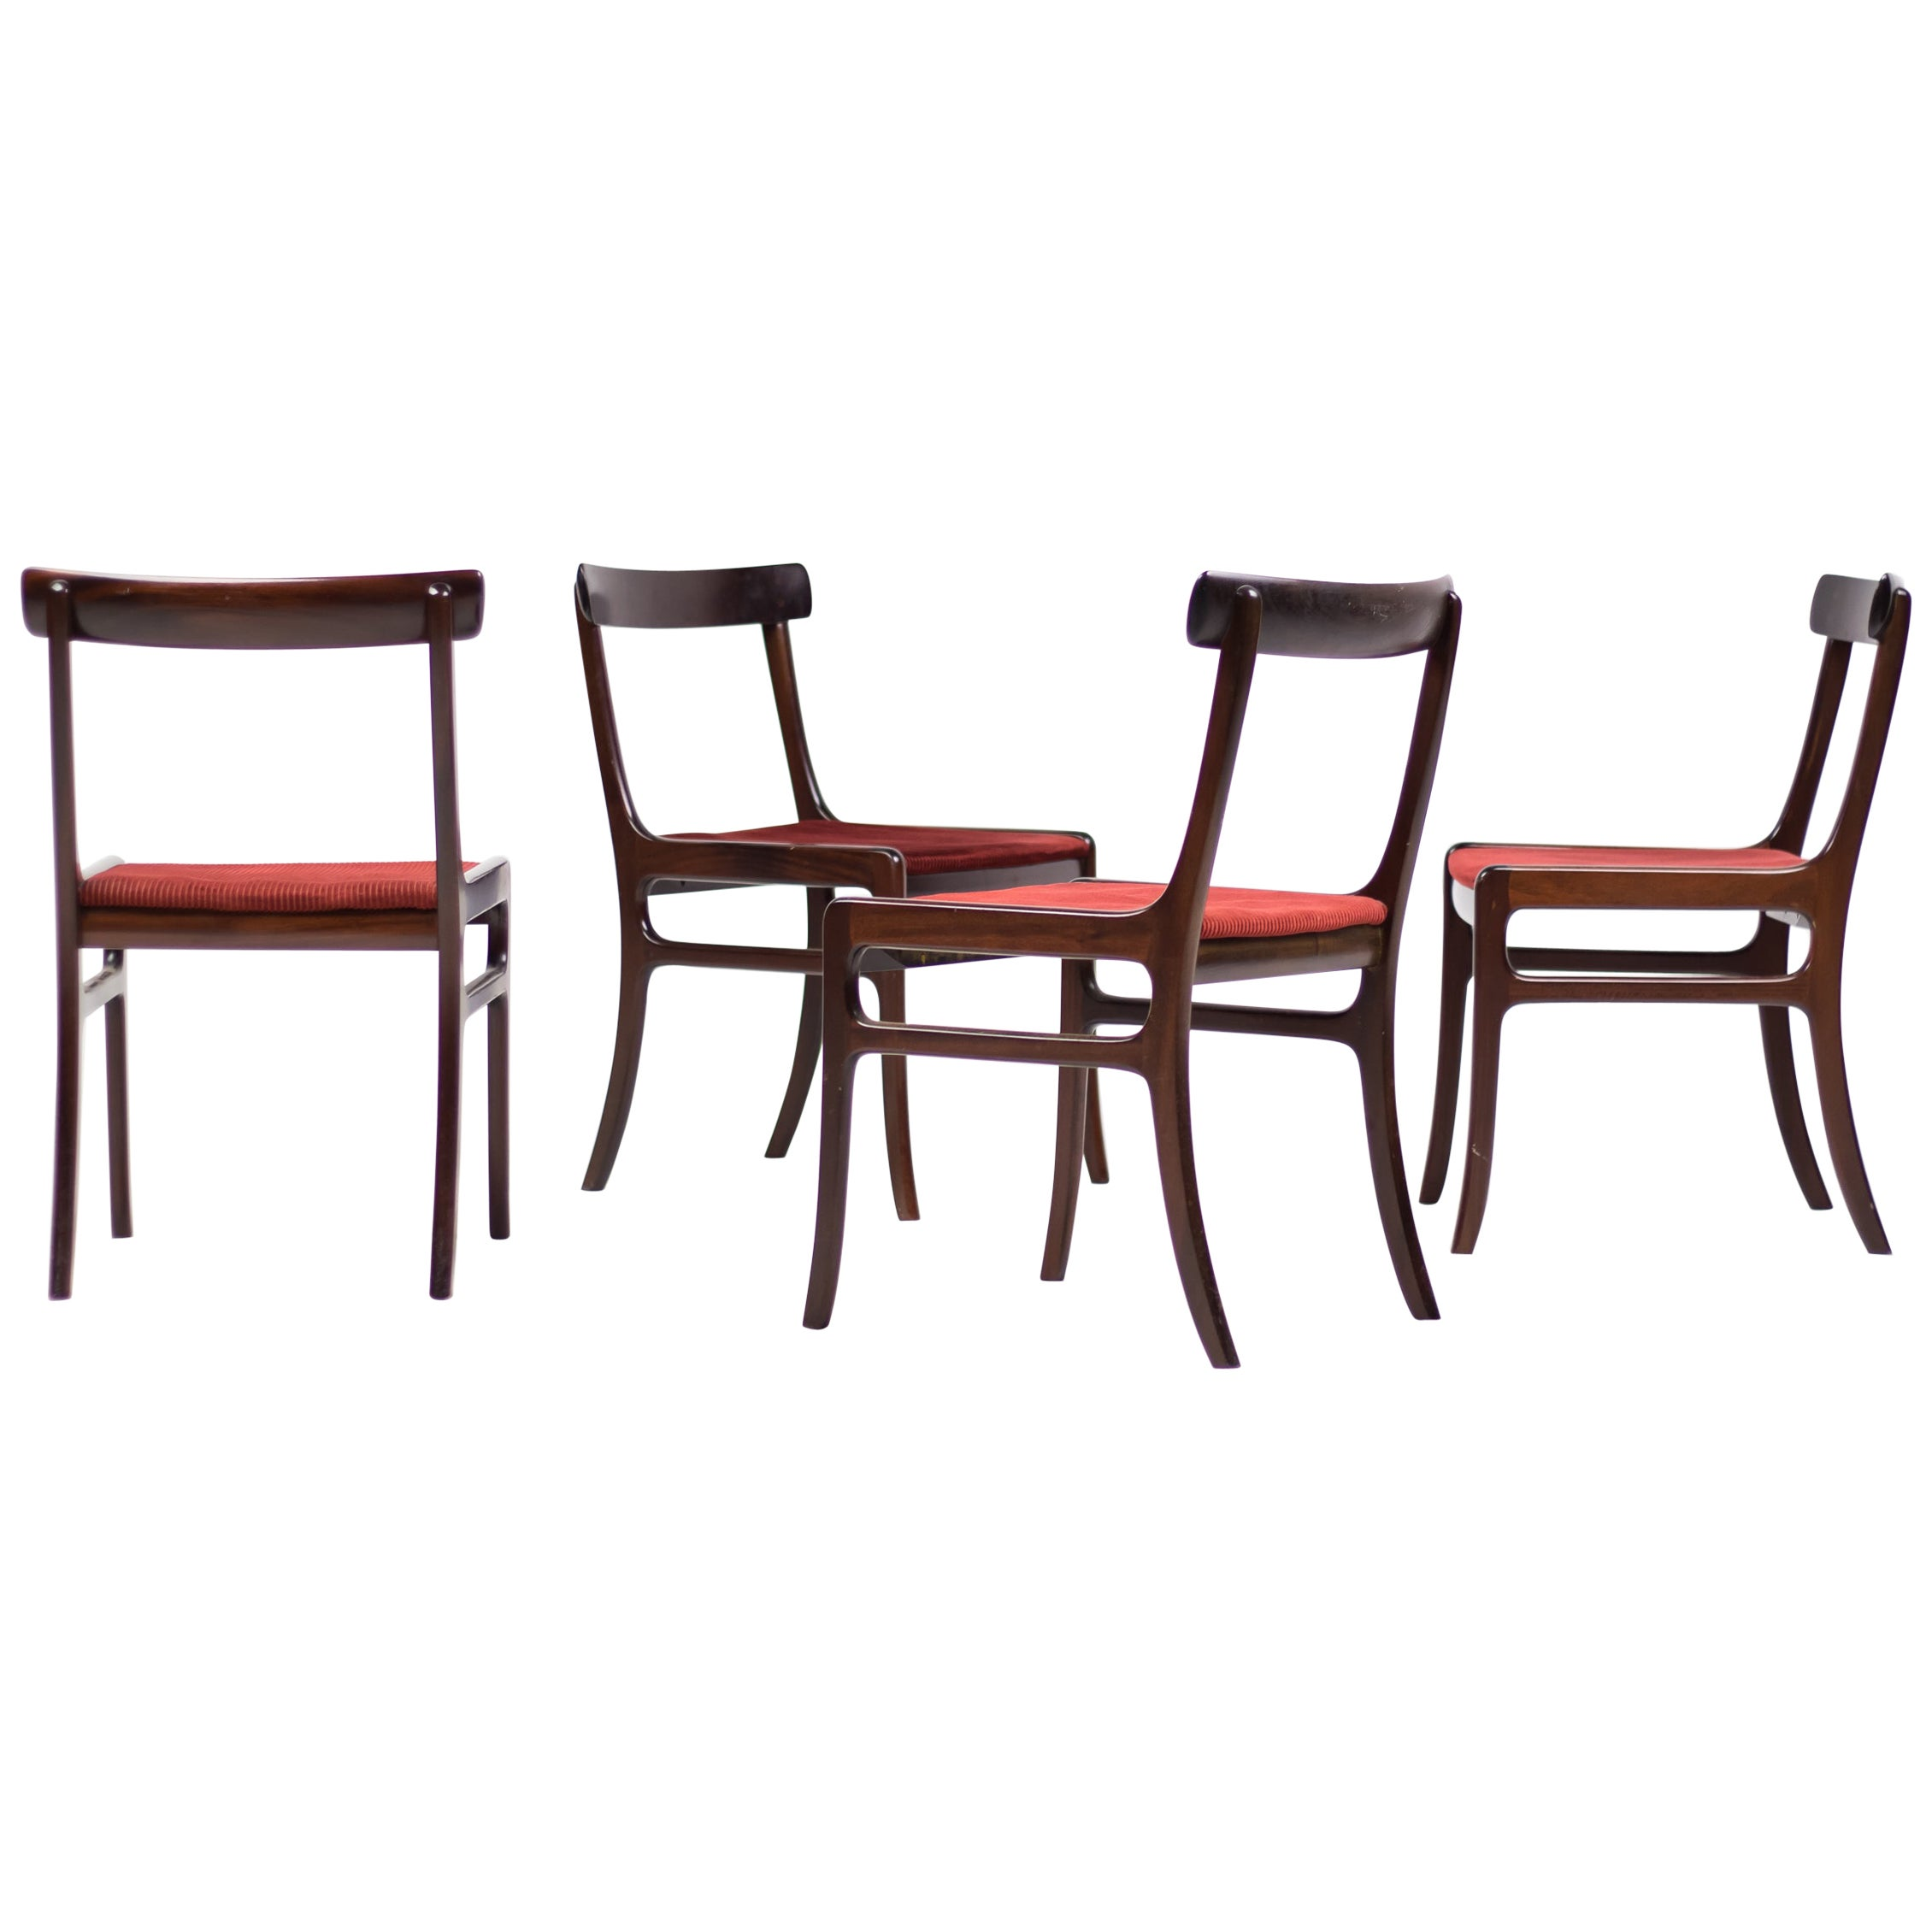 Ole Wanscher Rungstedlund Chairs